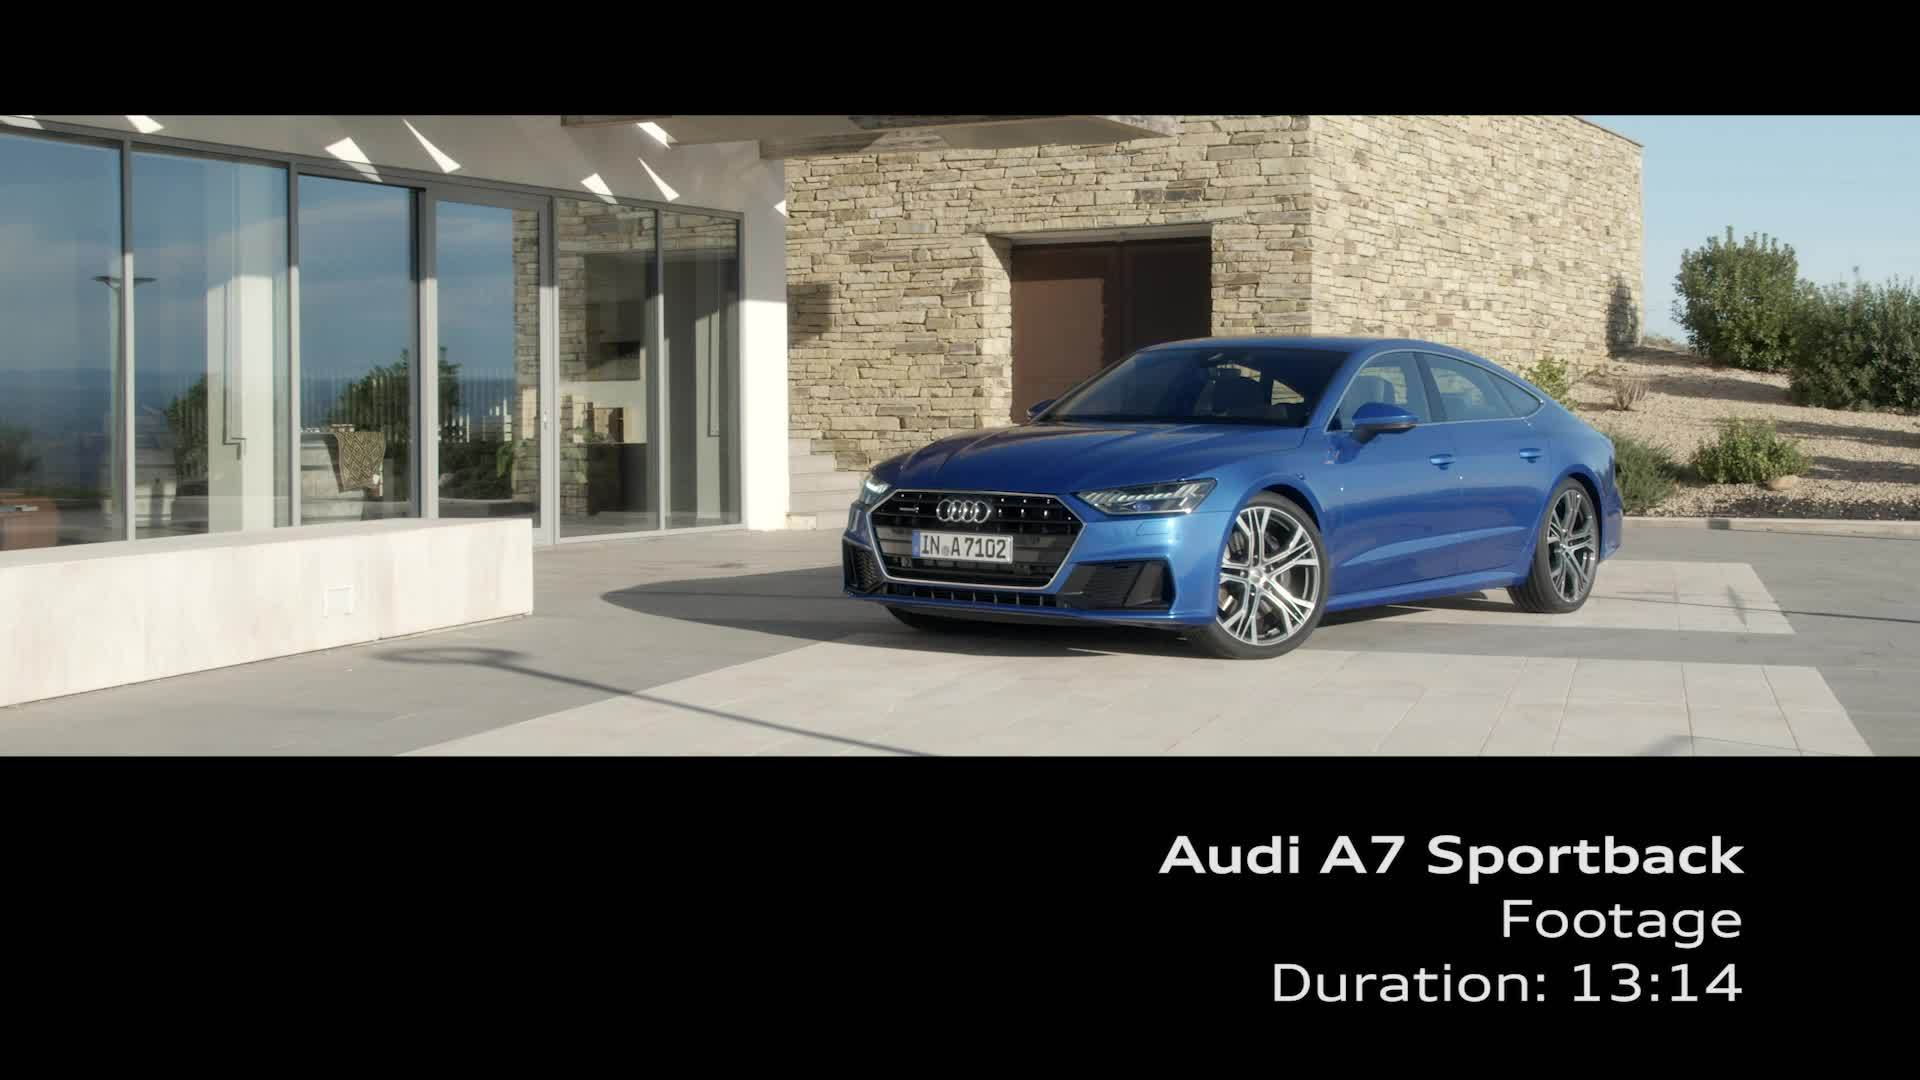 Audi A7 Sportback Footage blue